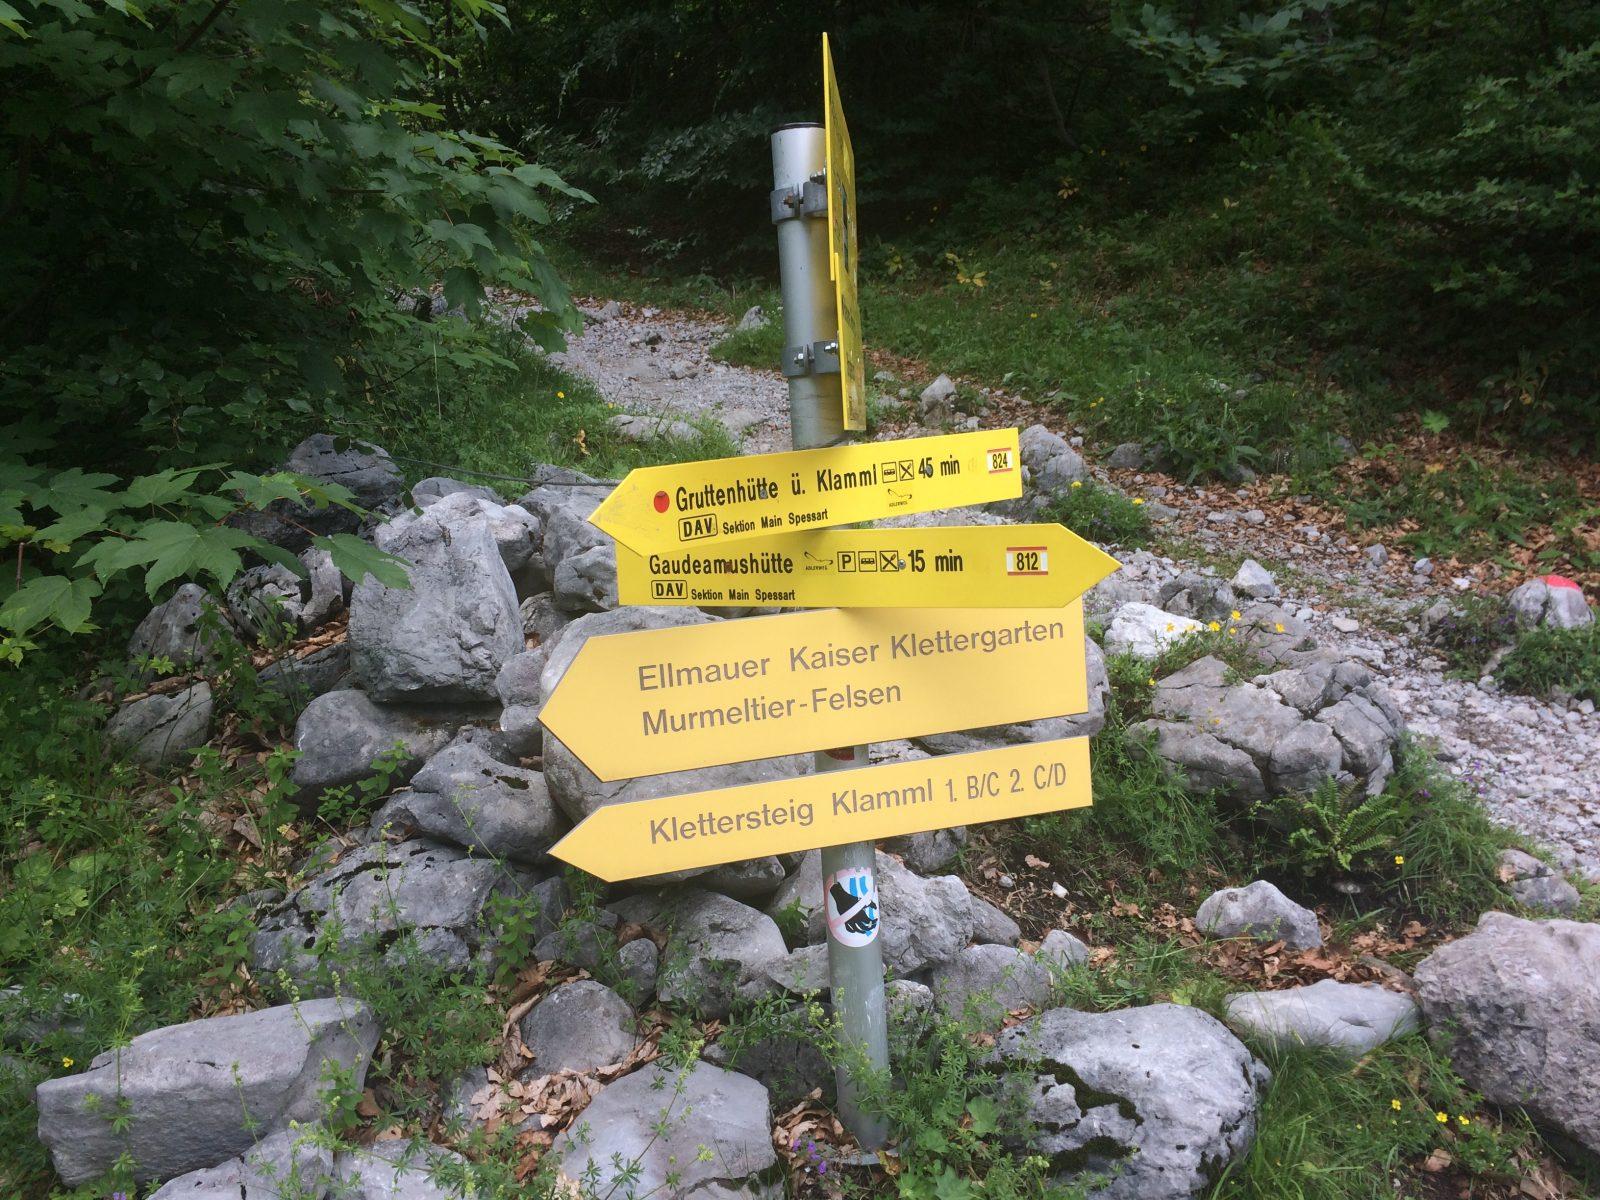 Wegweiser zum Klamml-Klettersteig, Foto: Susa Schreiner | Climbers Paradise